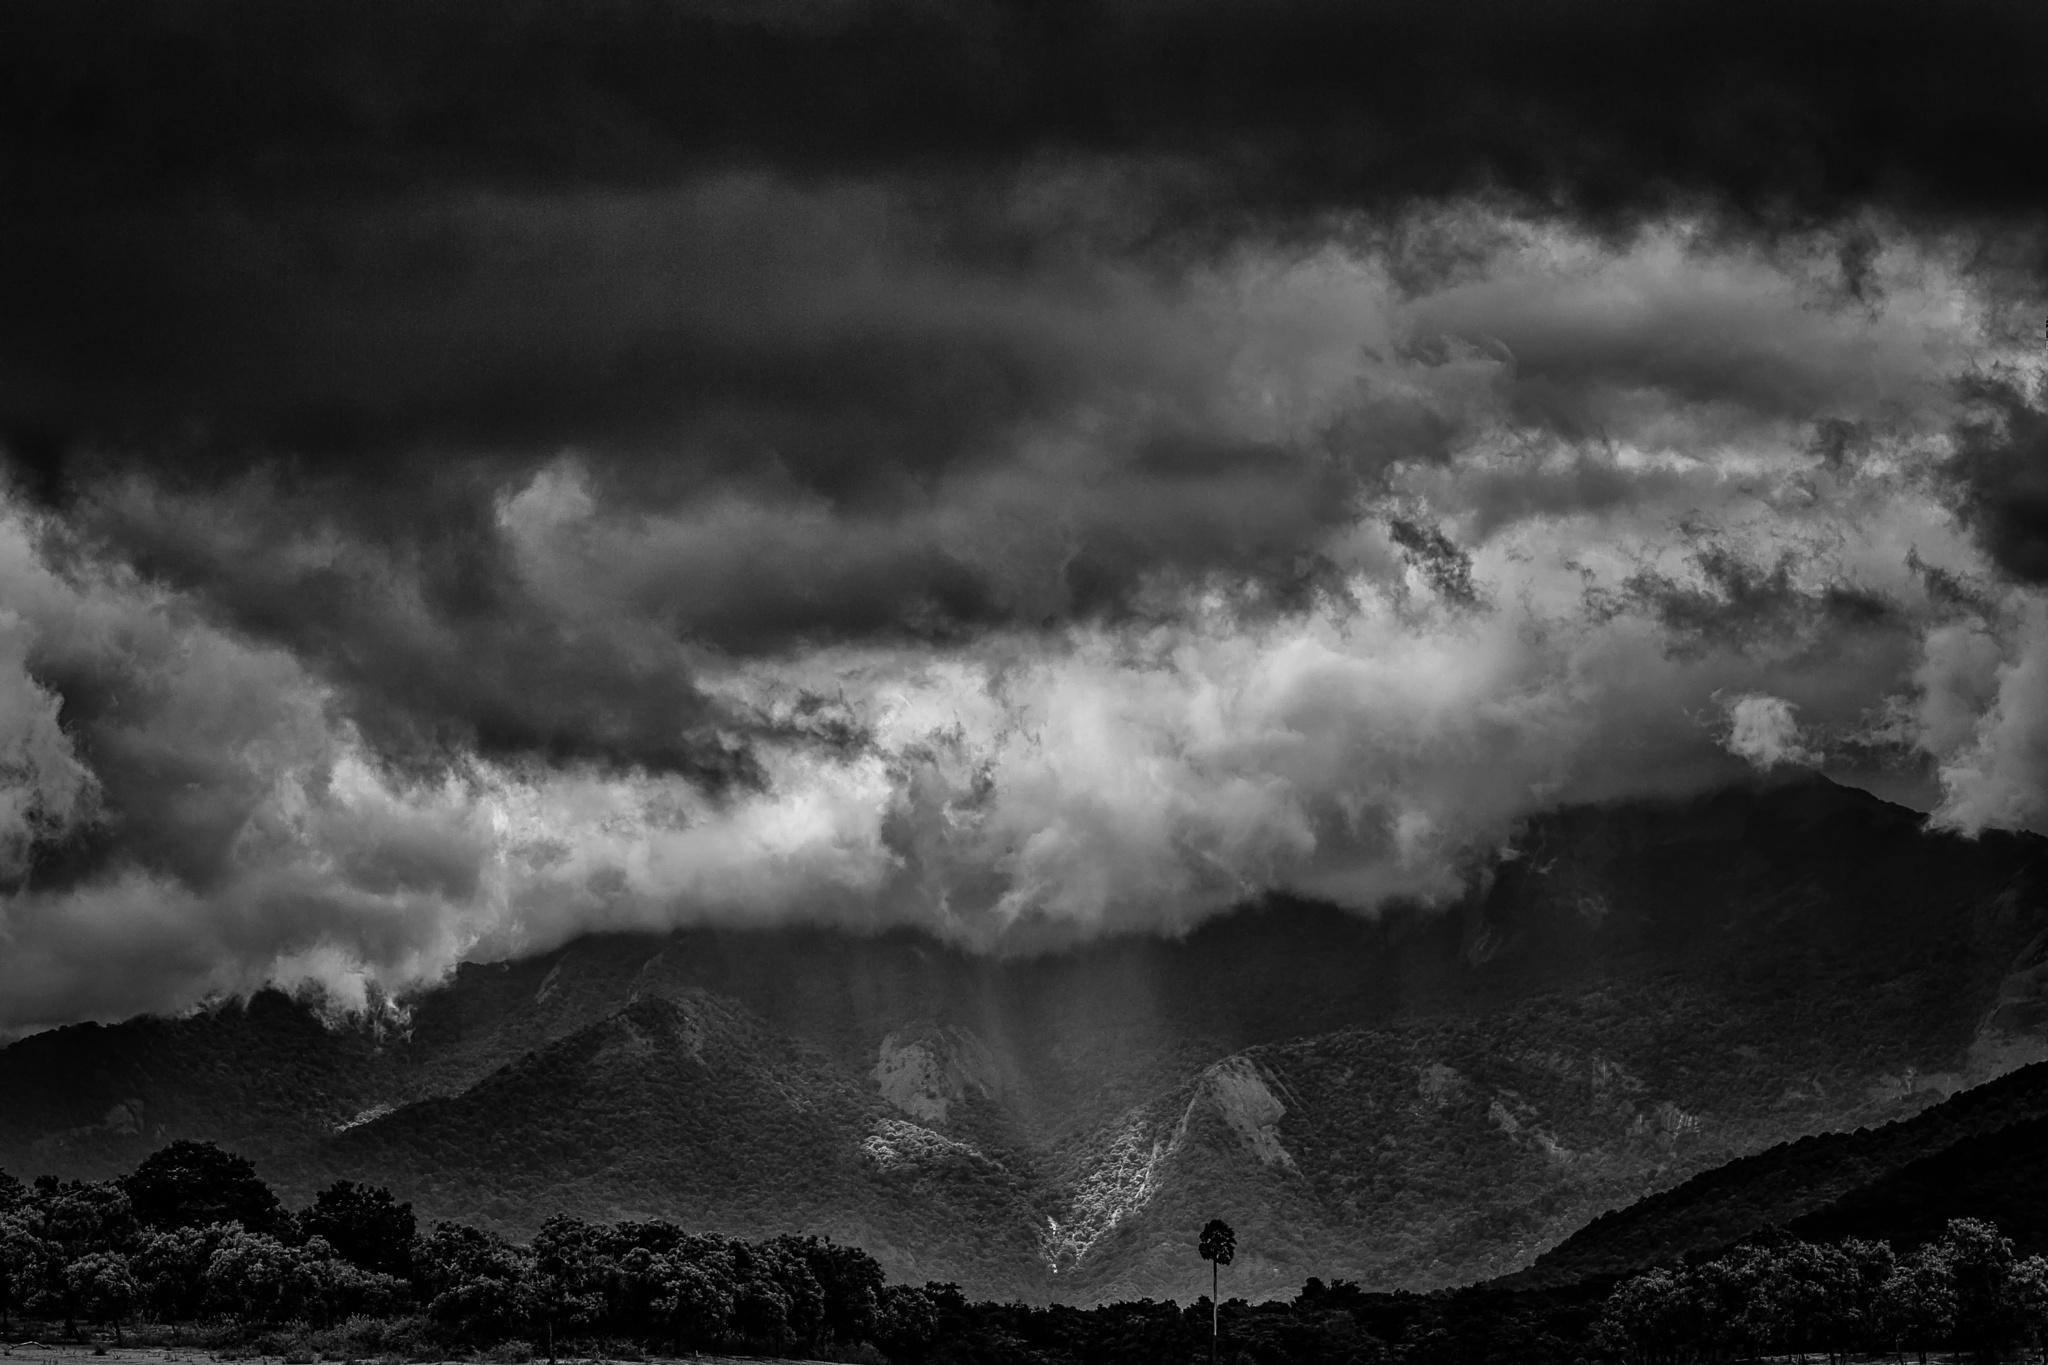 The Beautiful Storm by ravikumarjambunathan